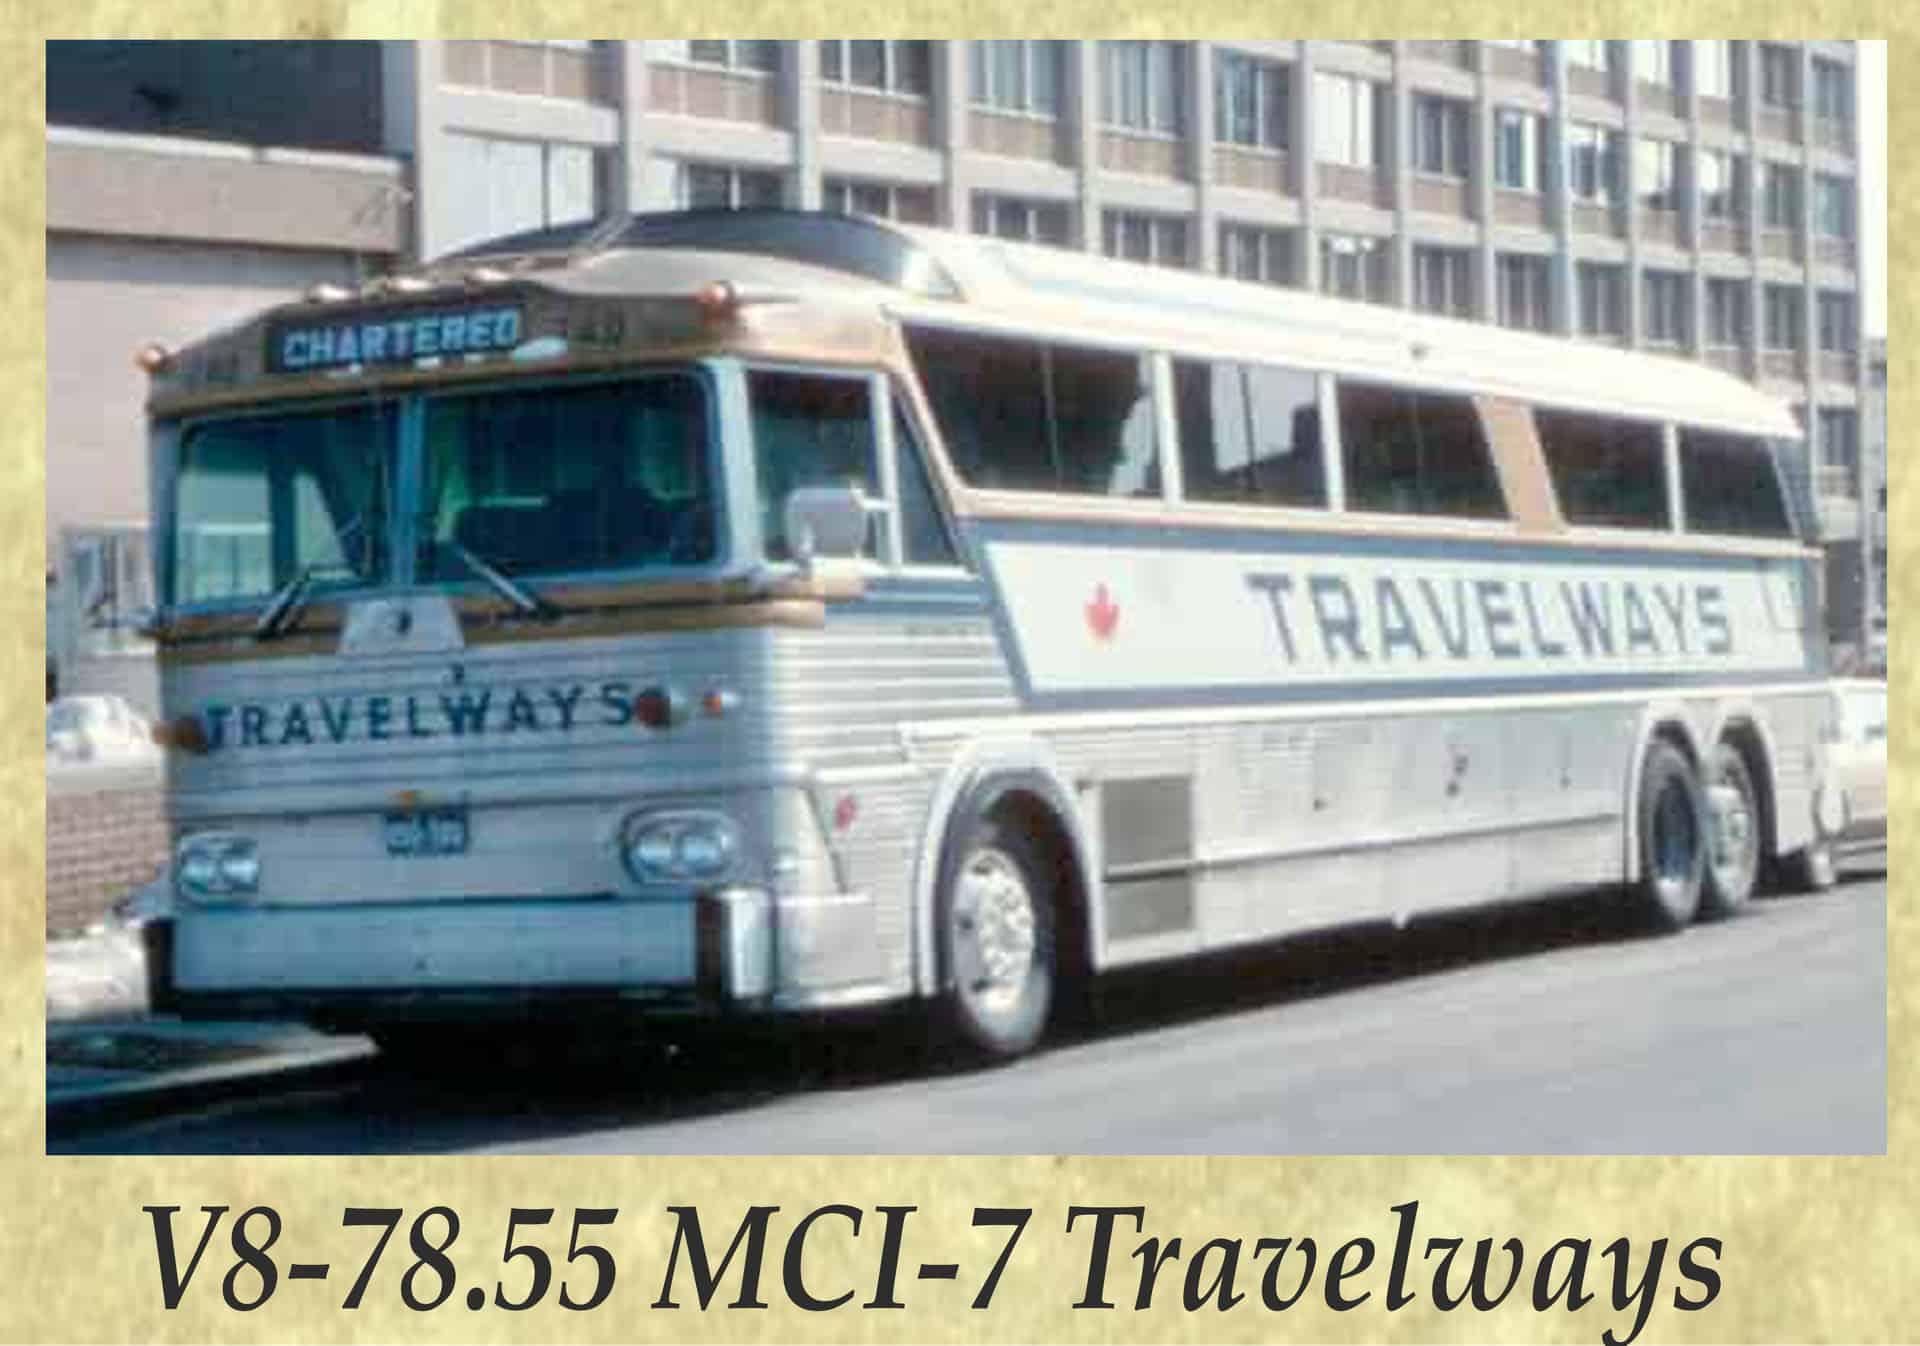 V8-78.55 MCI-7 Travelways